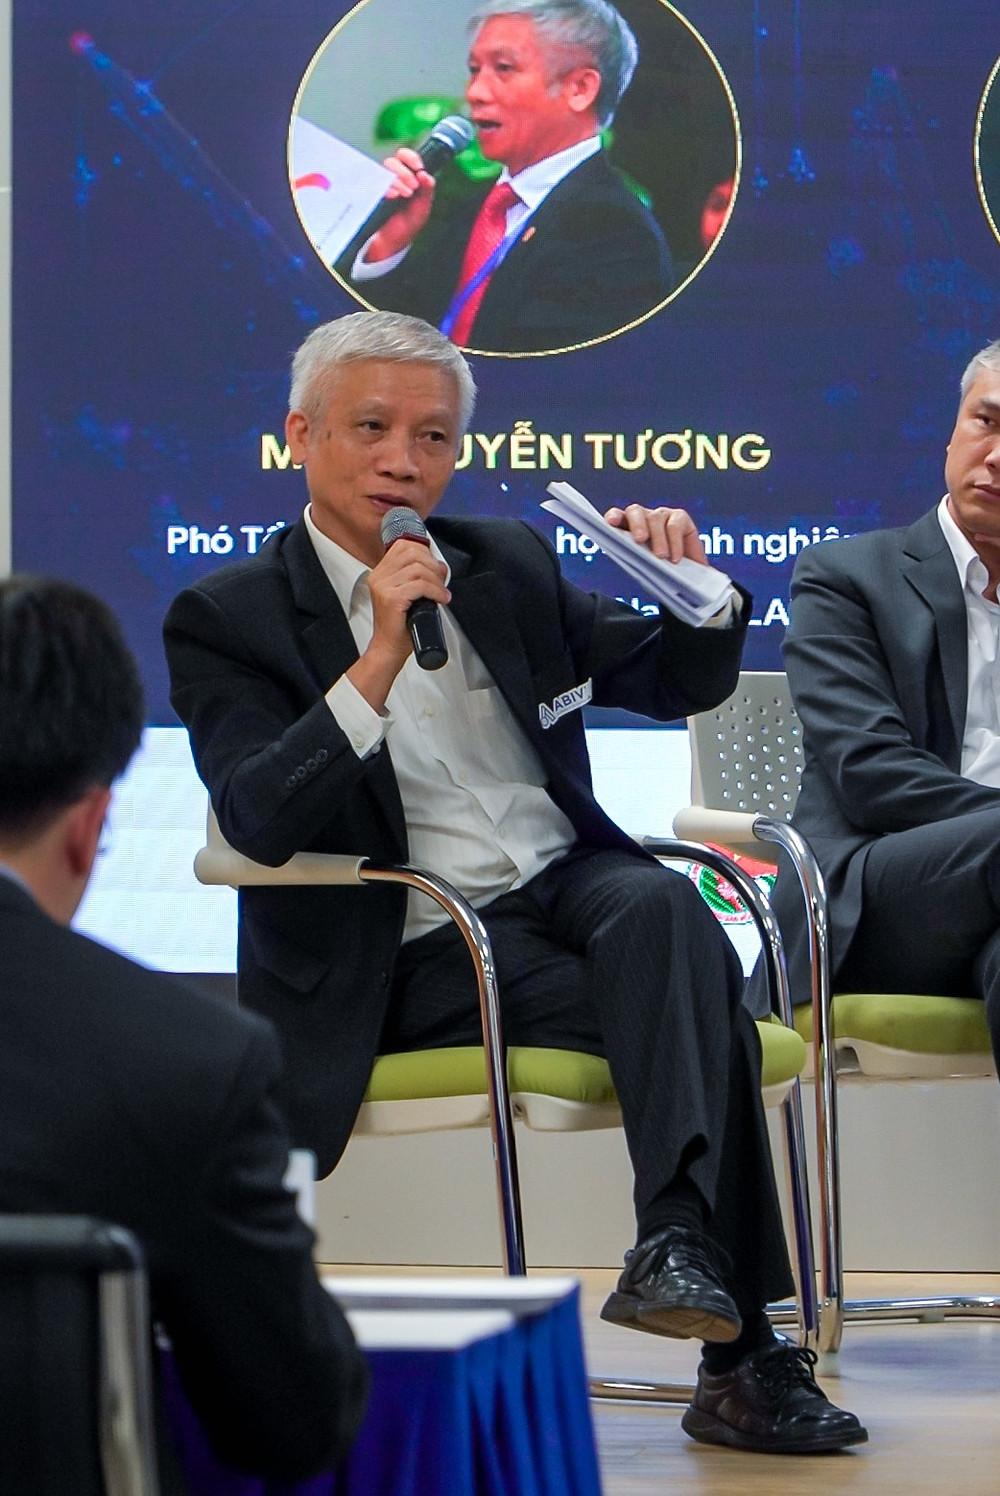 Ông Nguyễn Tương, phó tổng thư ký hiệp hội doanh nghiệp dịch vụ logistics VIệt Nam vla, techfest 2020